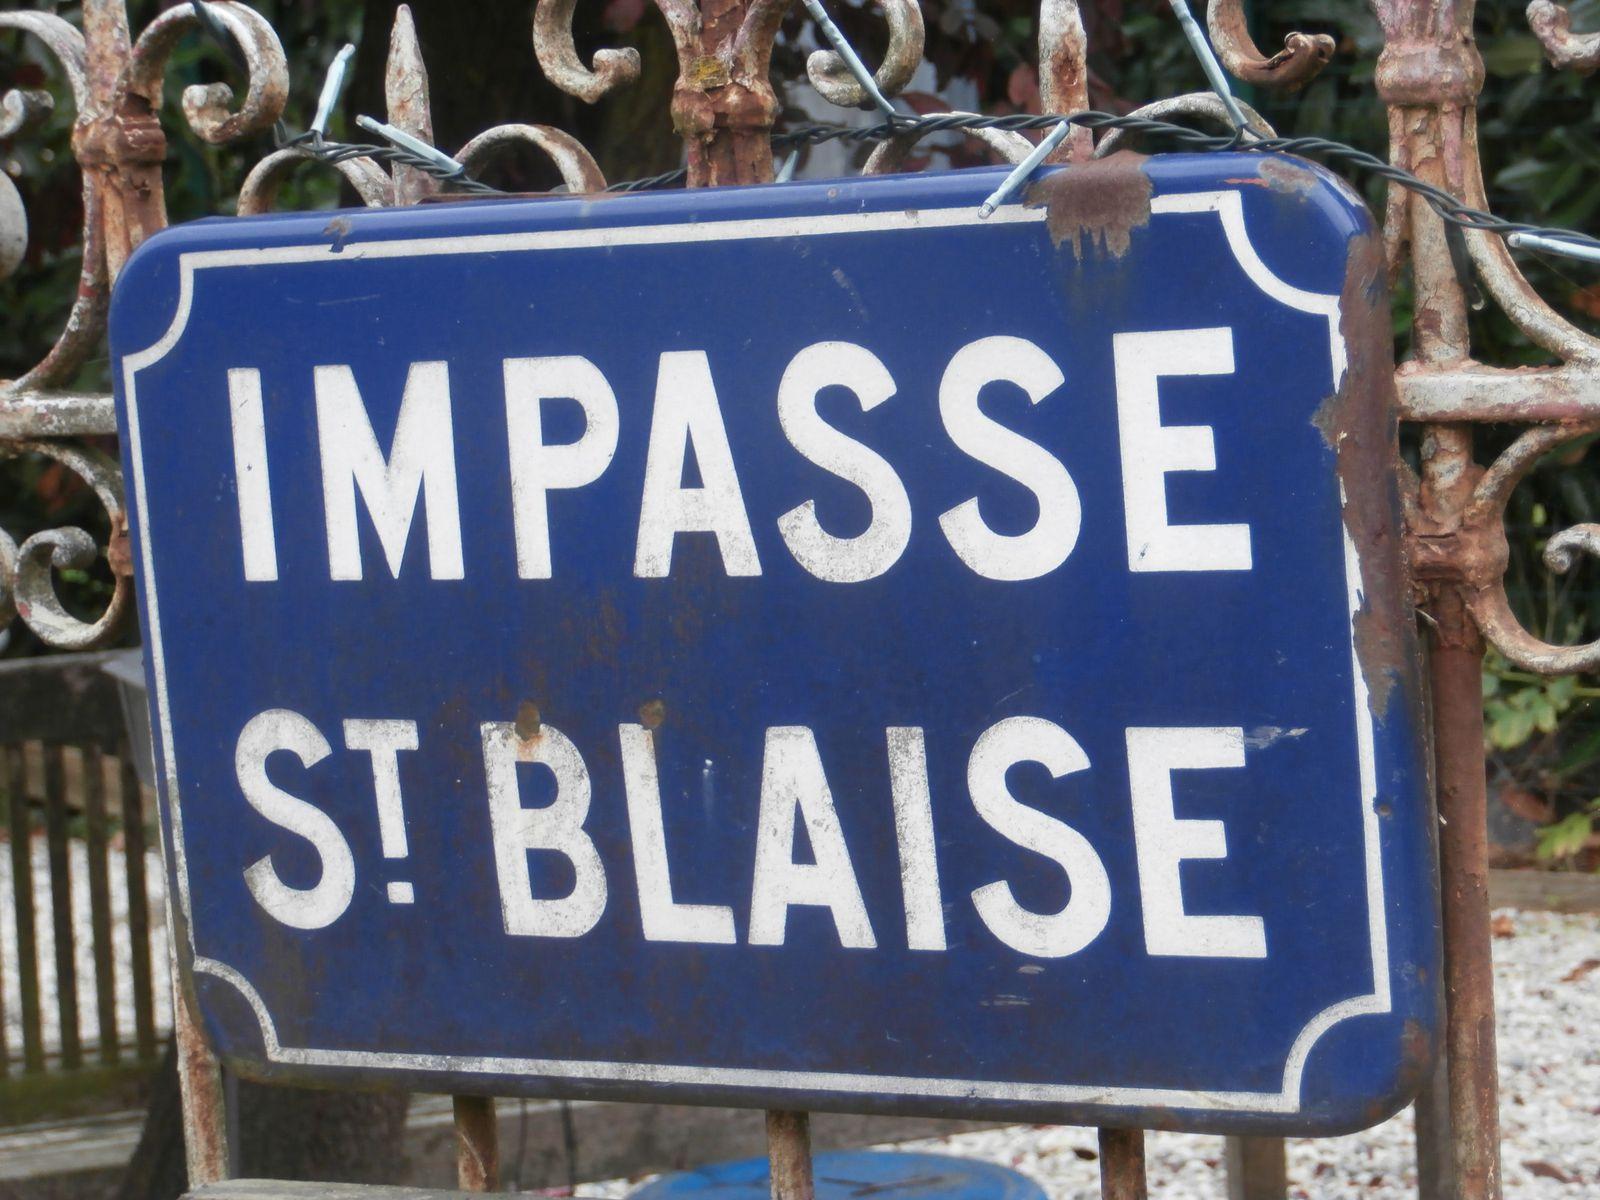 L'impasse Saint-Blaise rappelle de nos jours le nom de tout un quartier montaurois (cliché Armand Launay, octobre 2013).